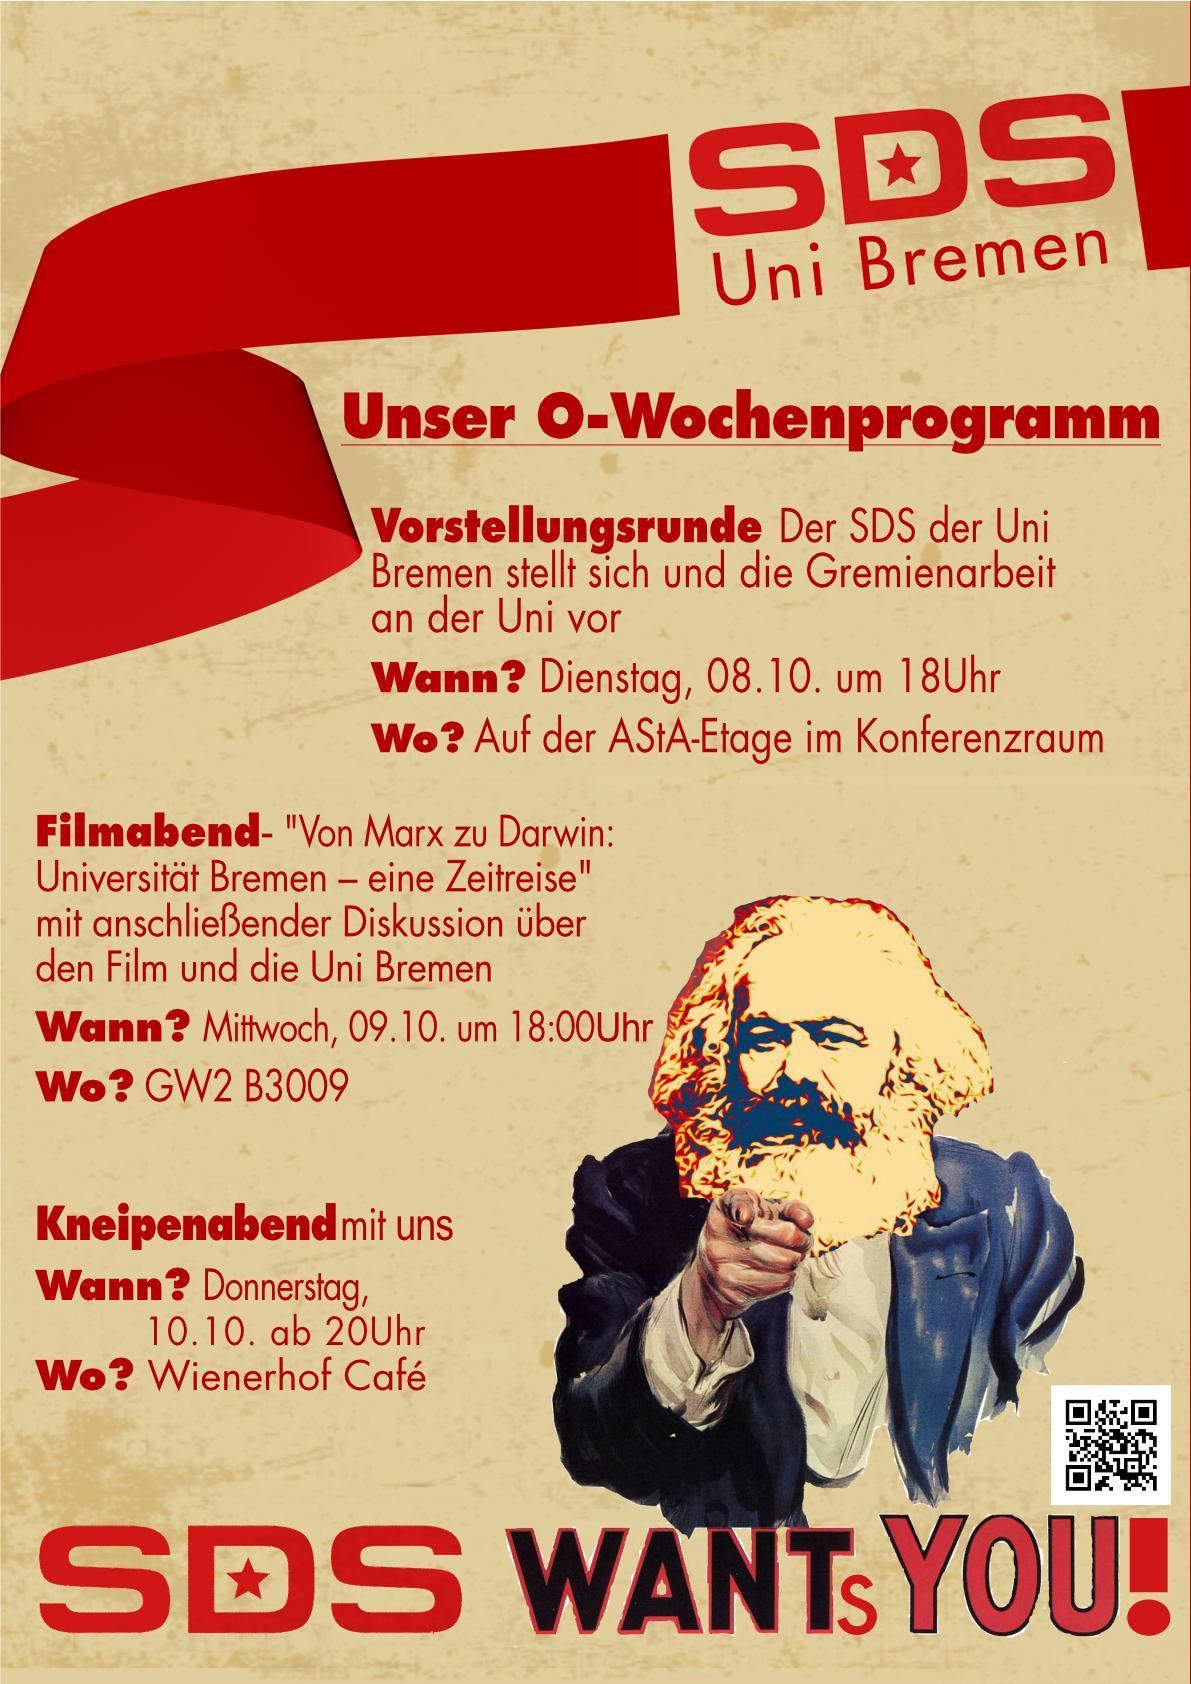 O-Wochenprogramm 2013/2014